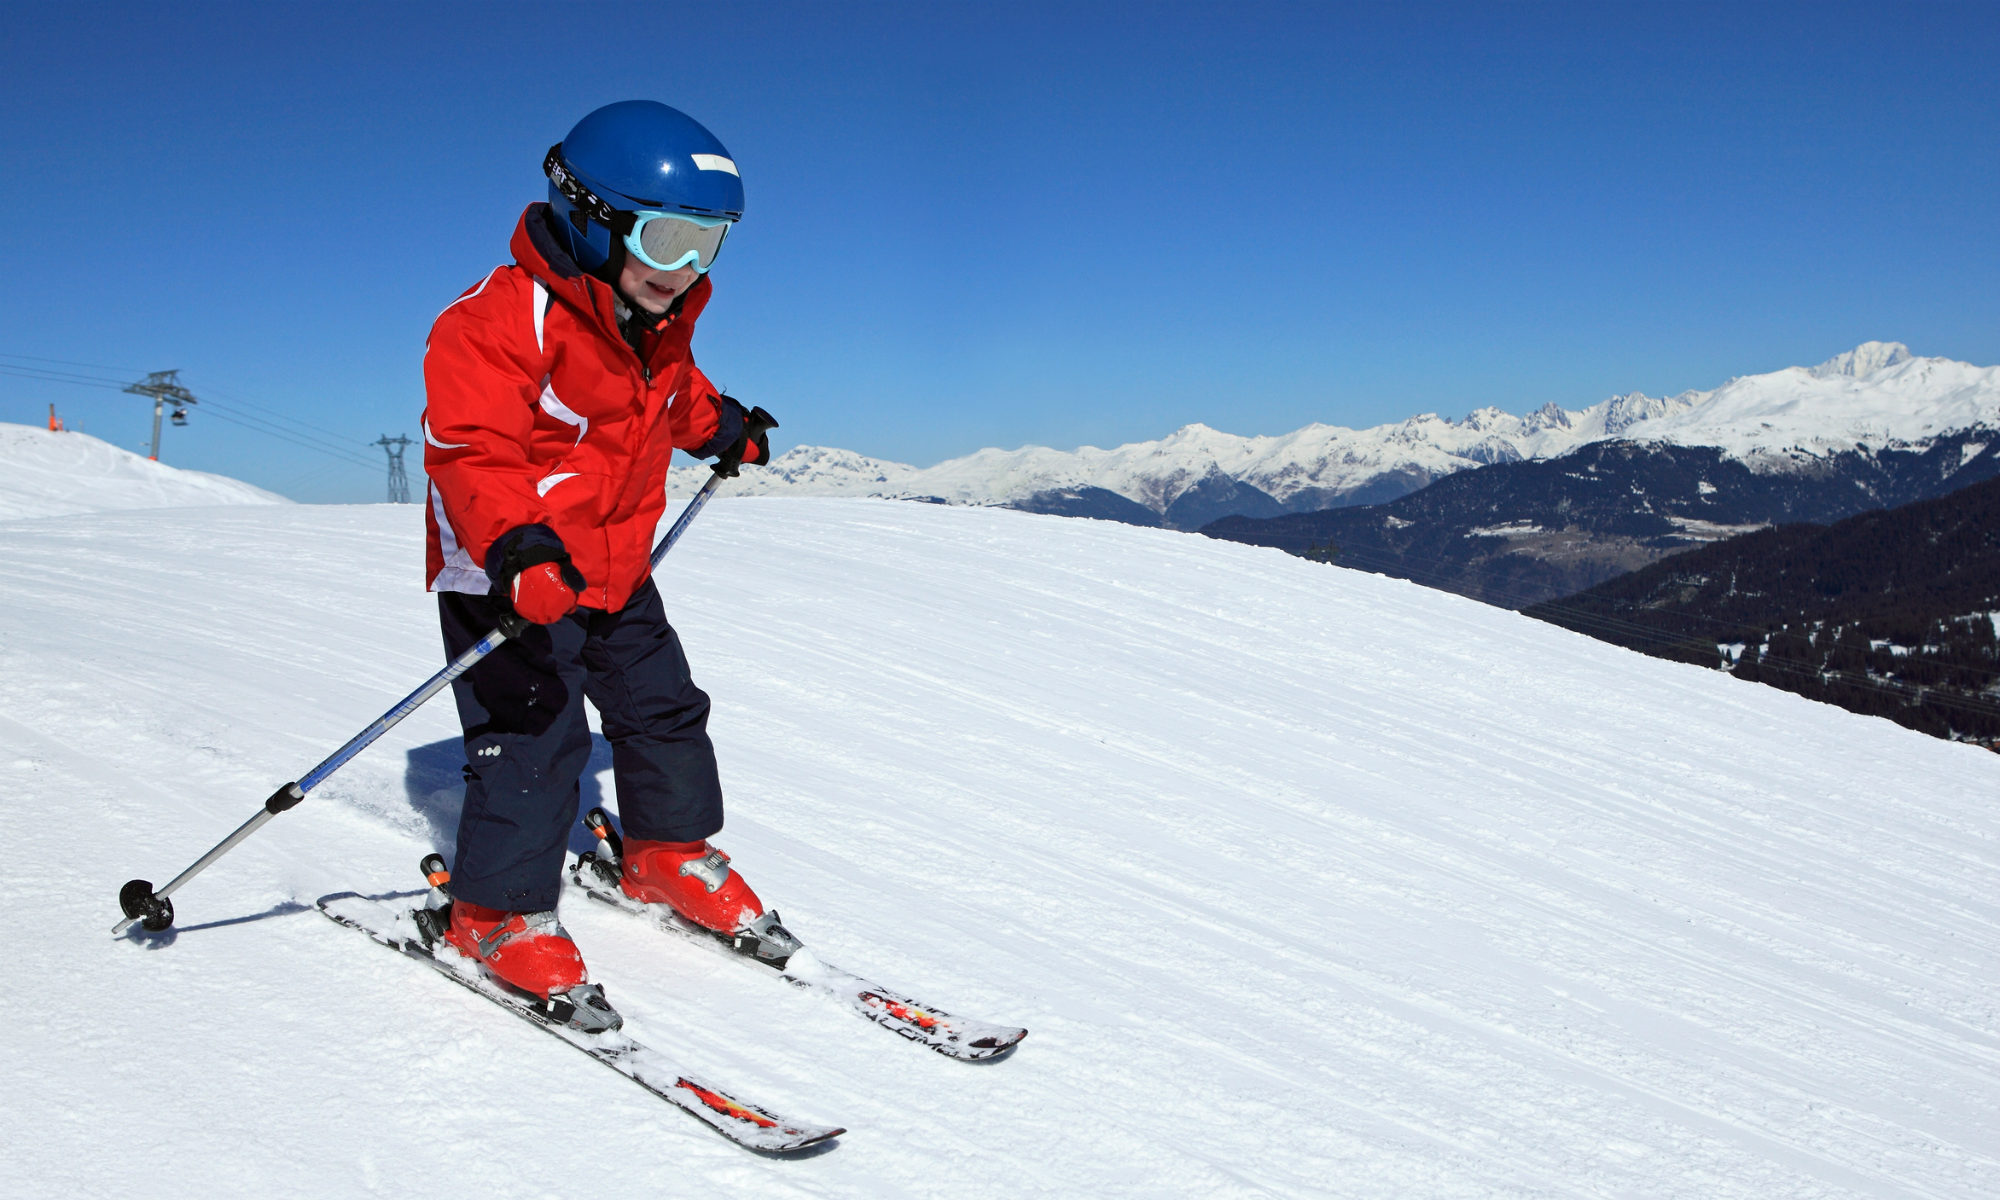 Ein Kind beim Skifahren auf einer mittelschweren Piste.